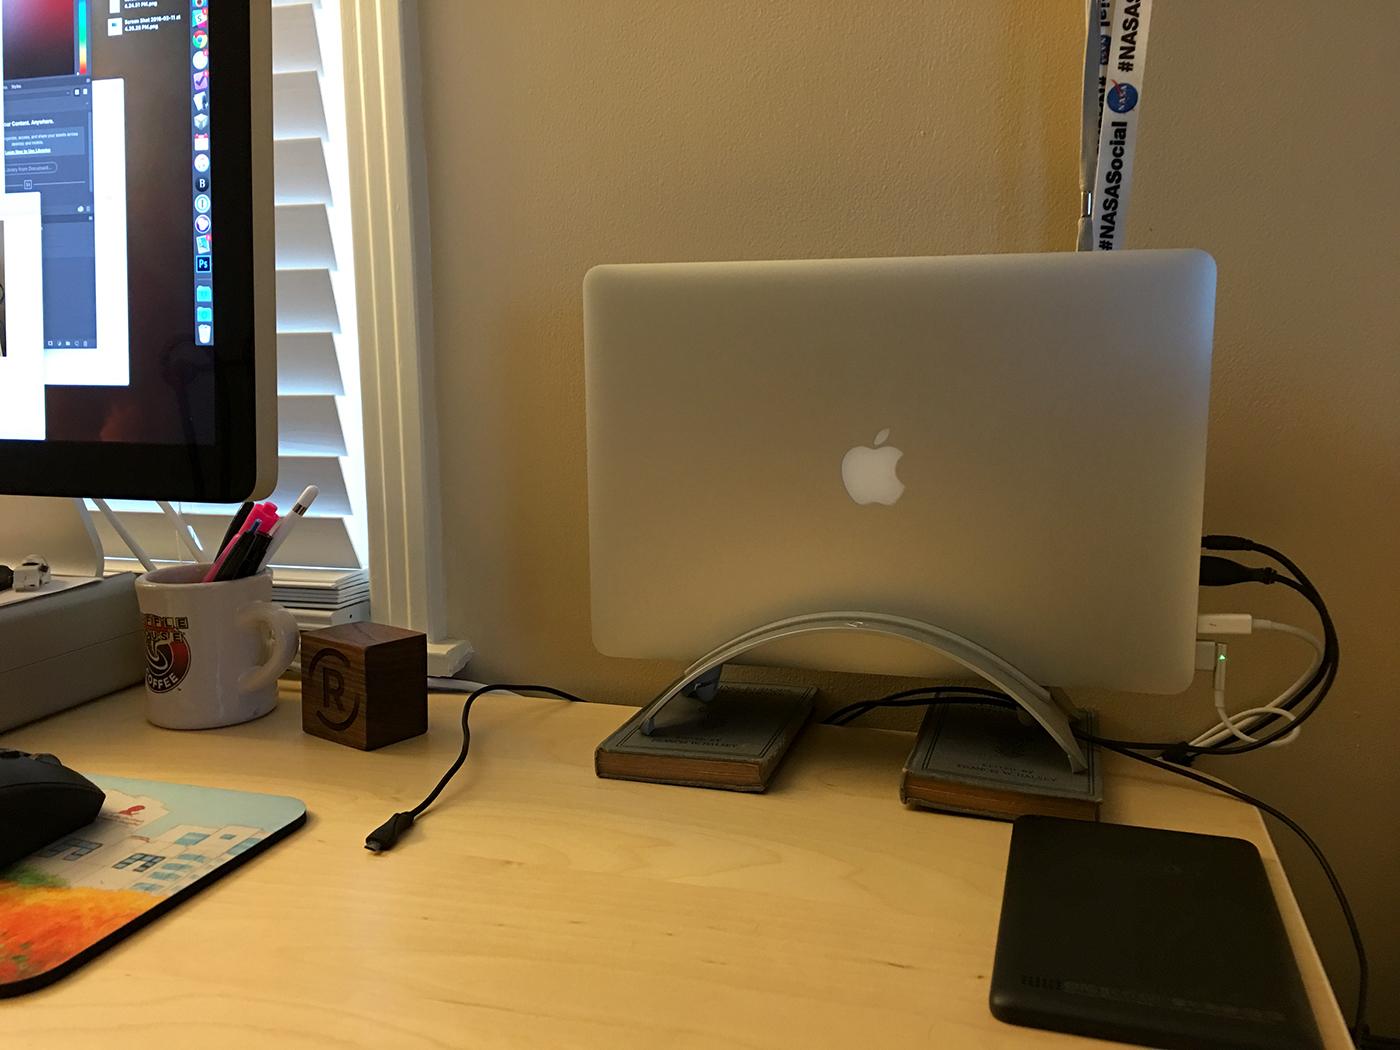 MacBook Pro in BookArc